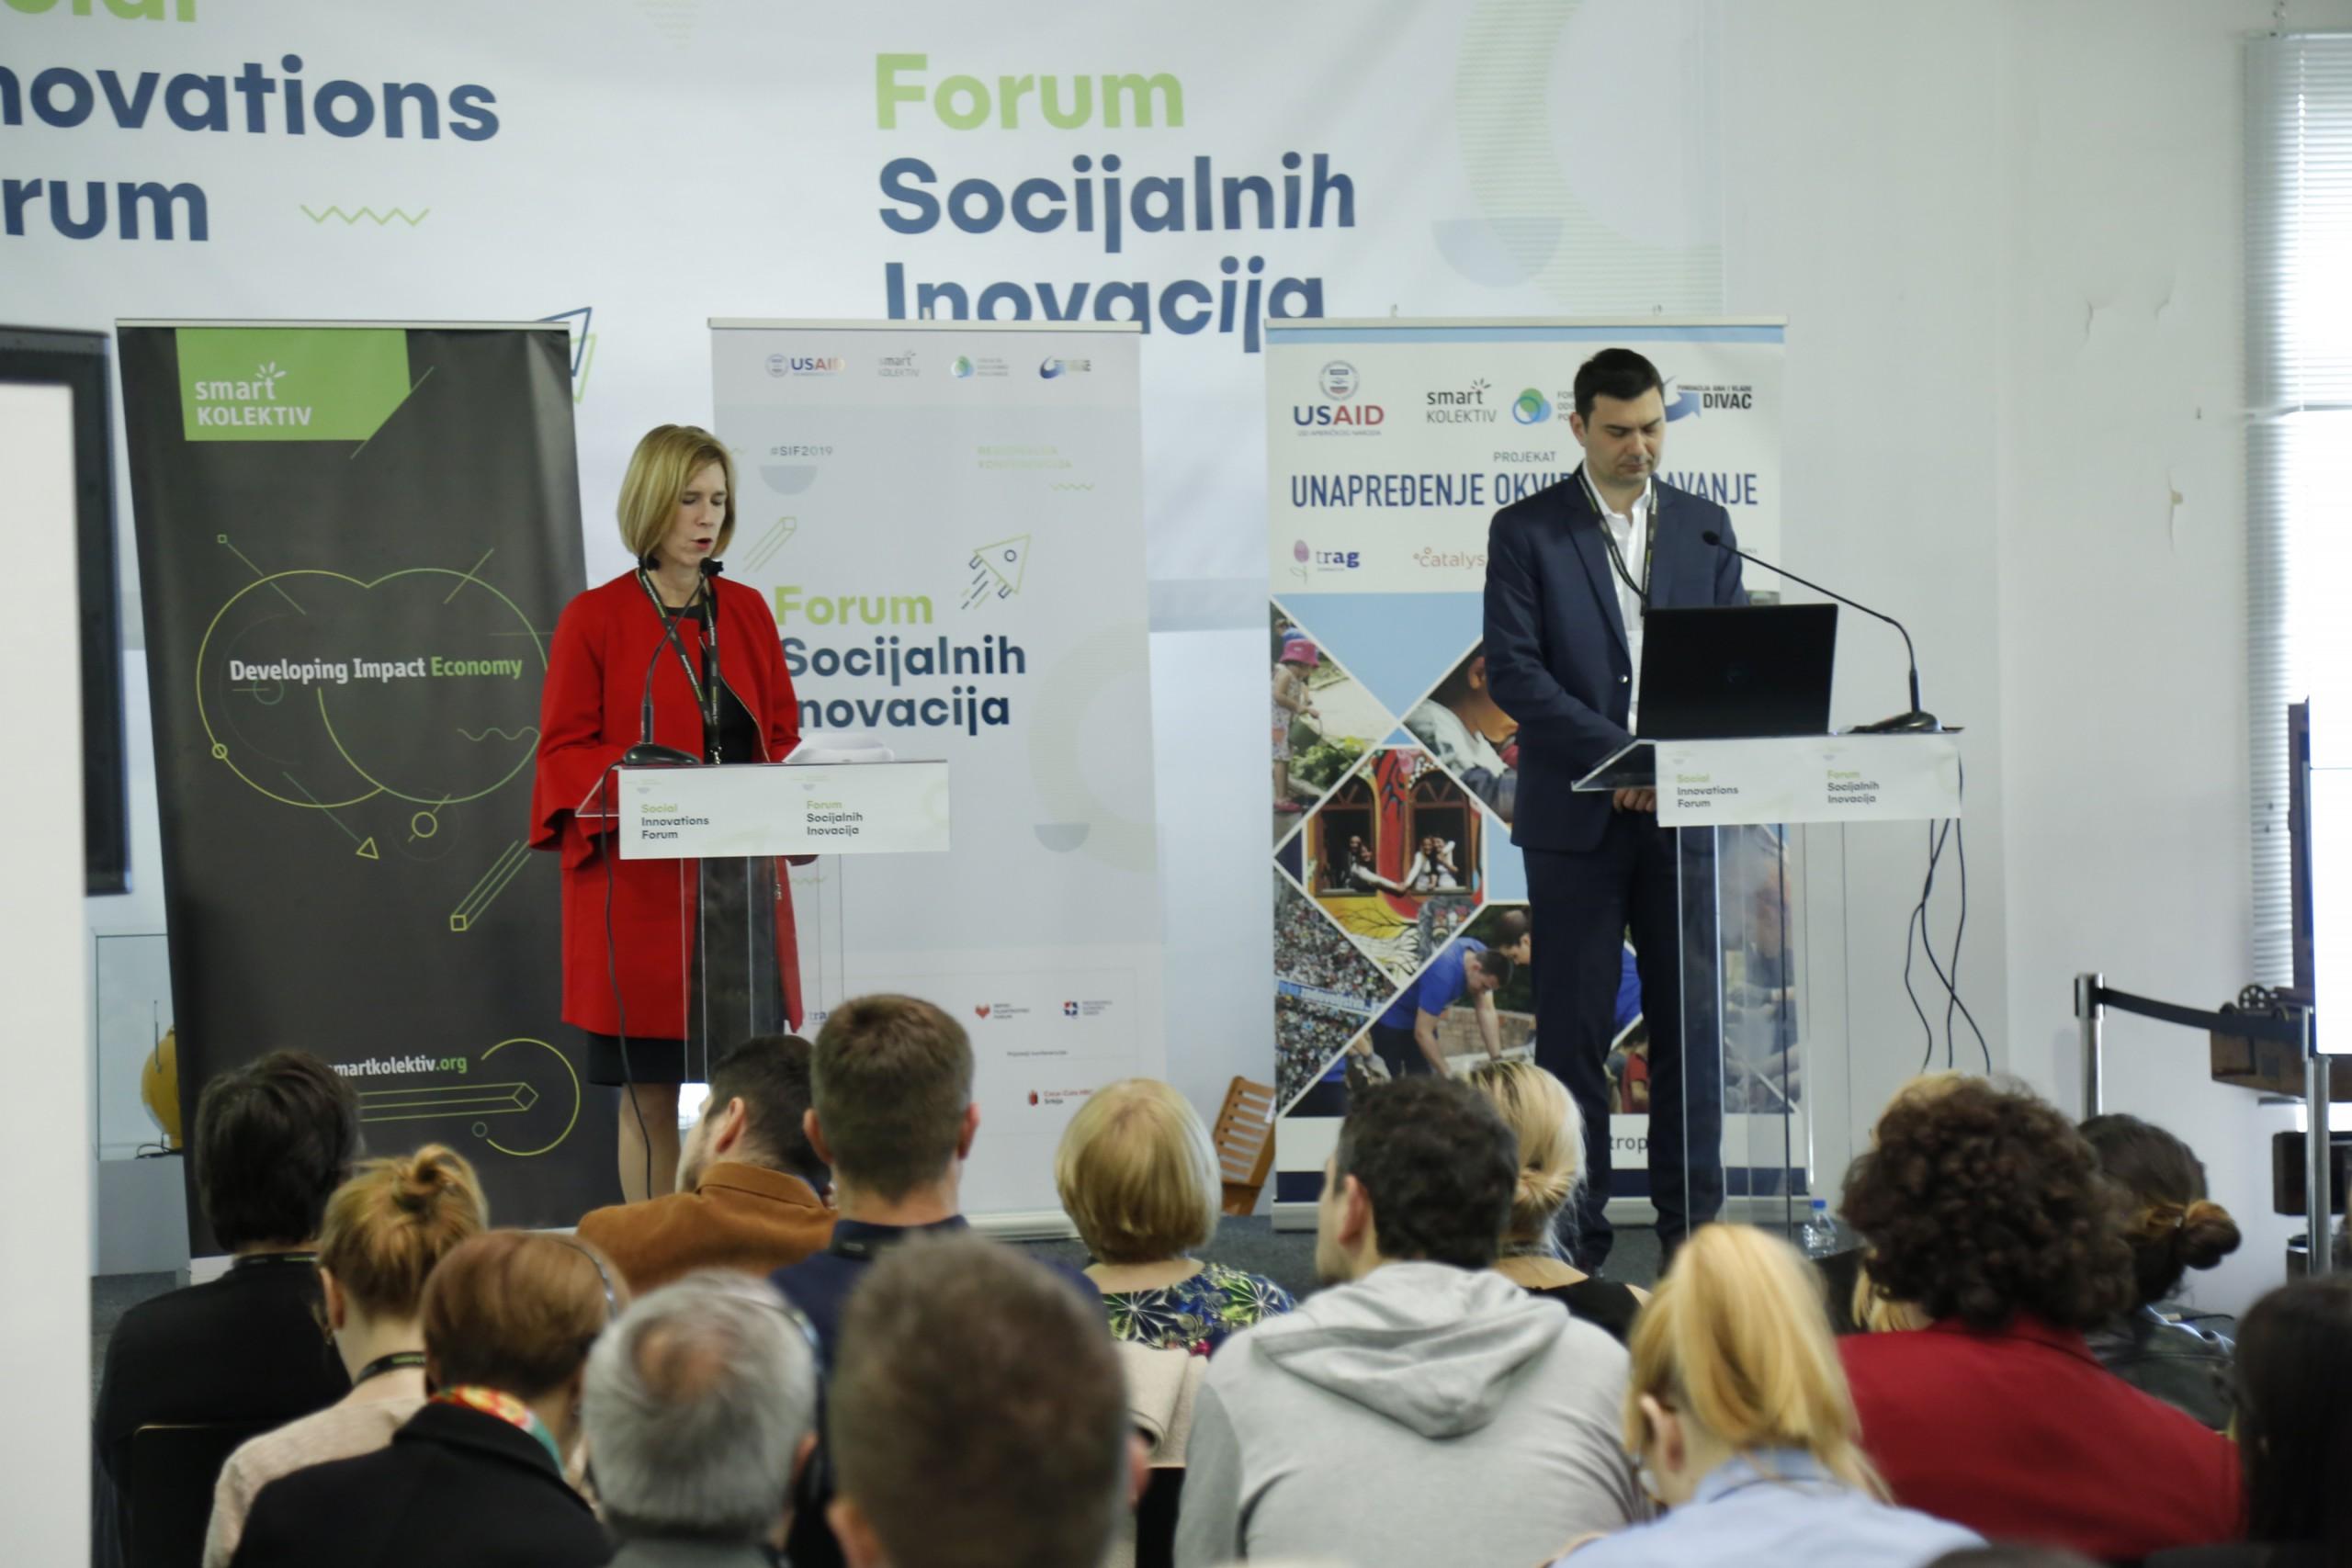 Pokrenut prvi fond za razvoj socijalne ekonomije u Srbiji